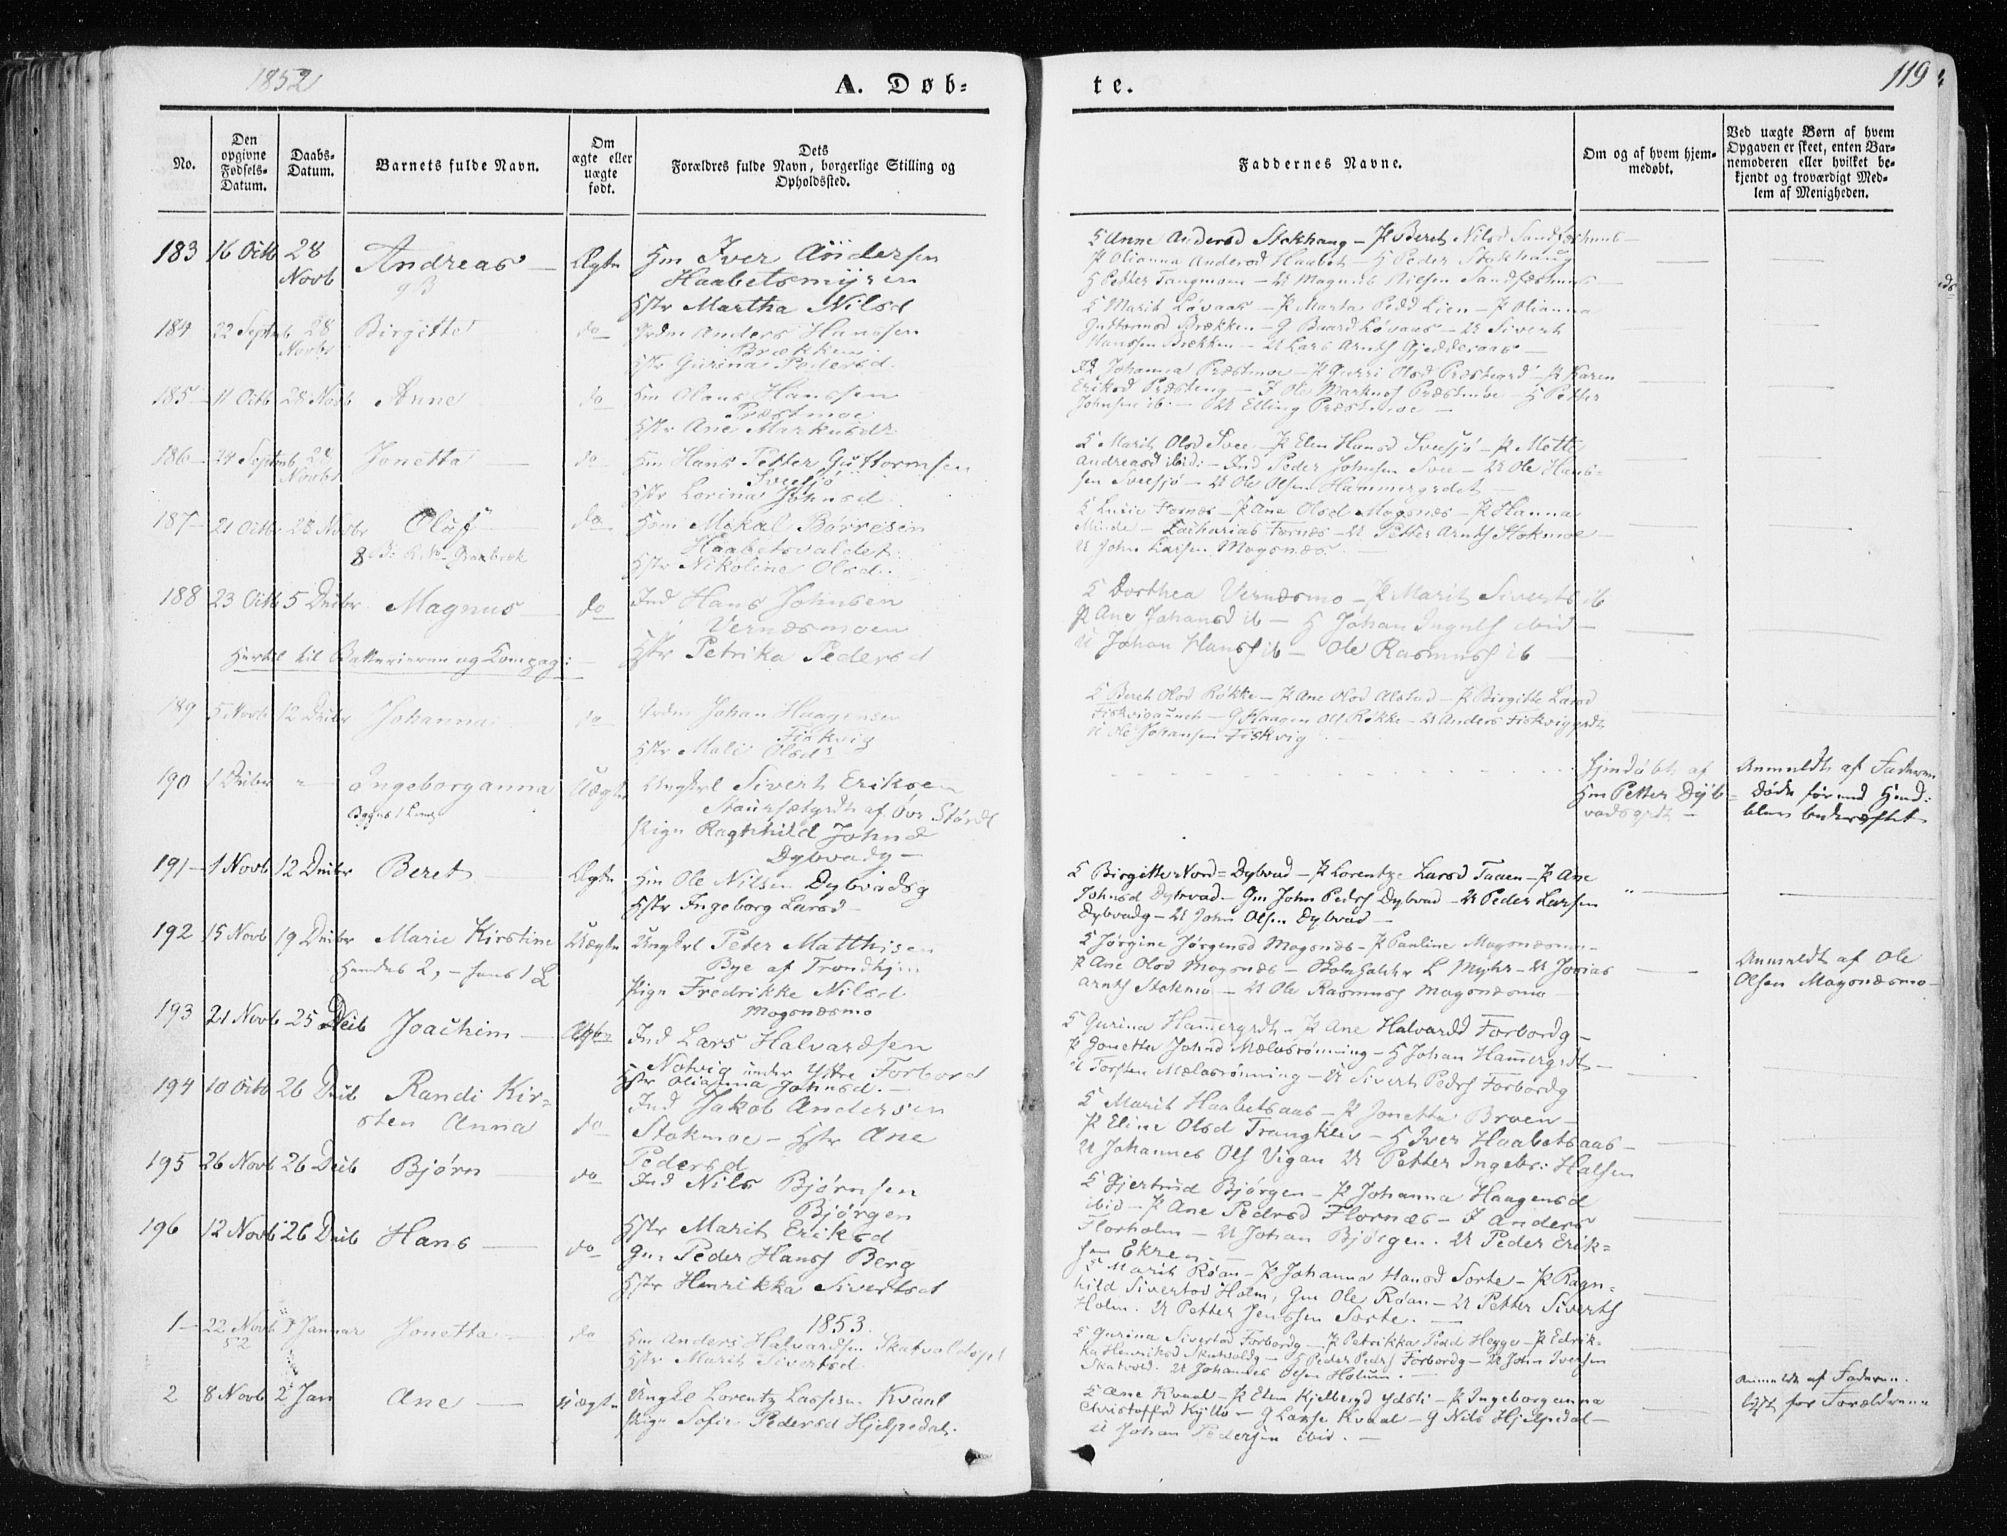 SAT, Ministerialprotokoller, klokkerbøker og fødselsregistre - Nord-Trøndelag, 709/L0074: Ministerialbok nr. 709A14, 1845-1858, s. 119